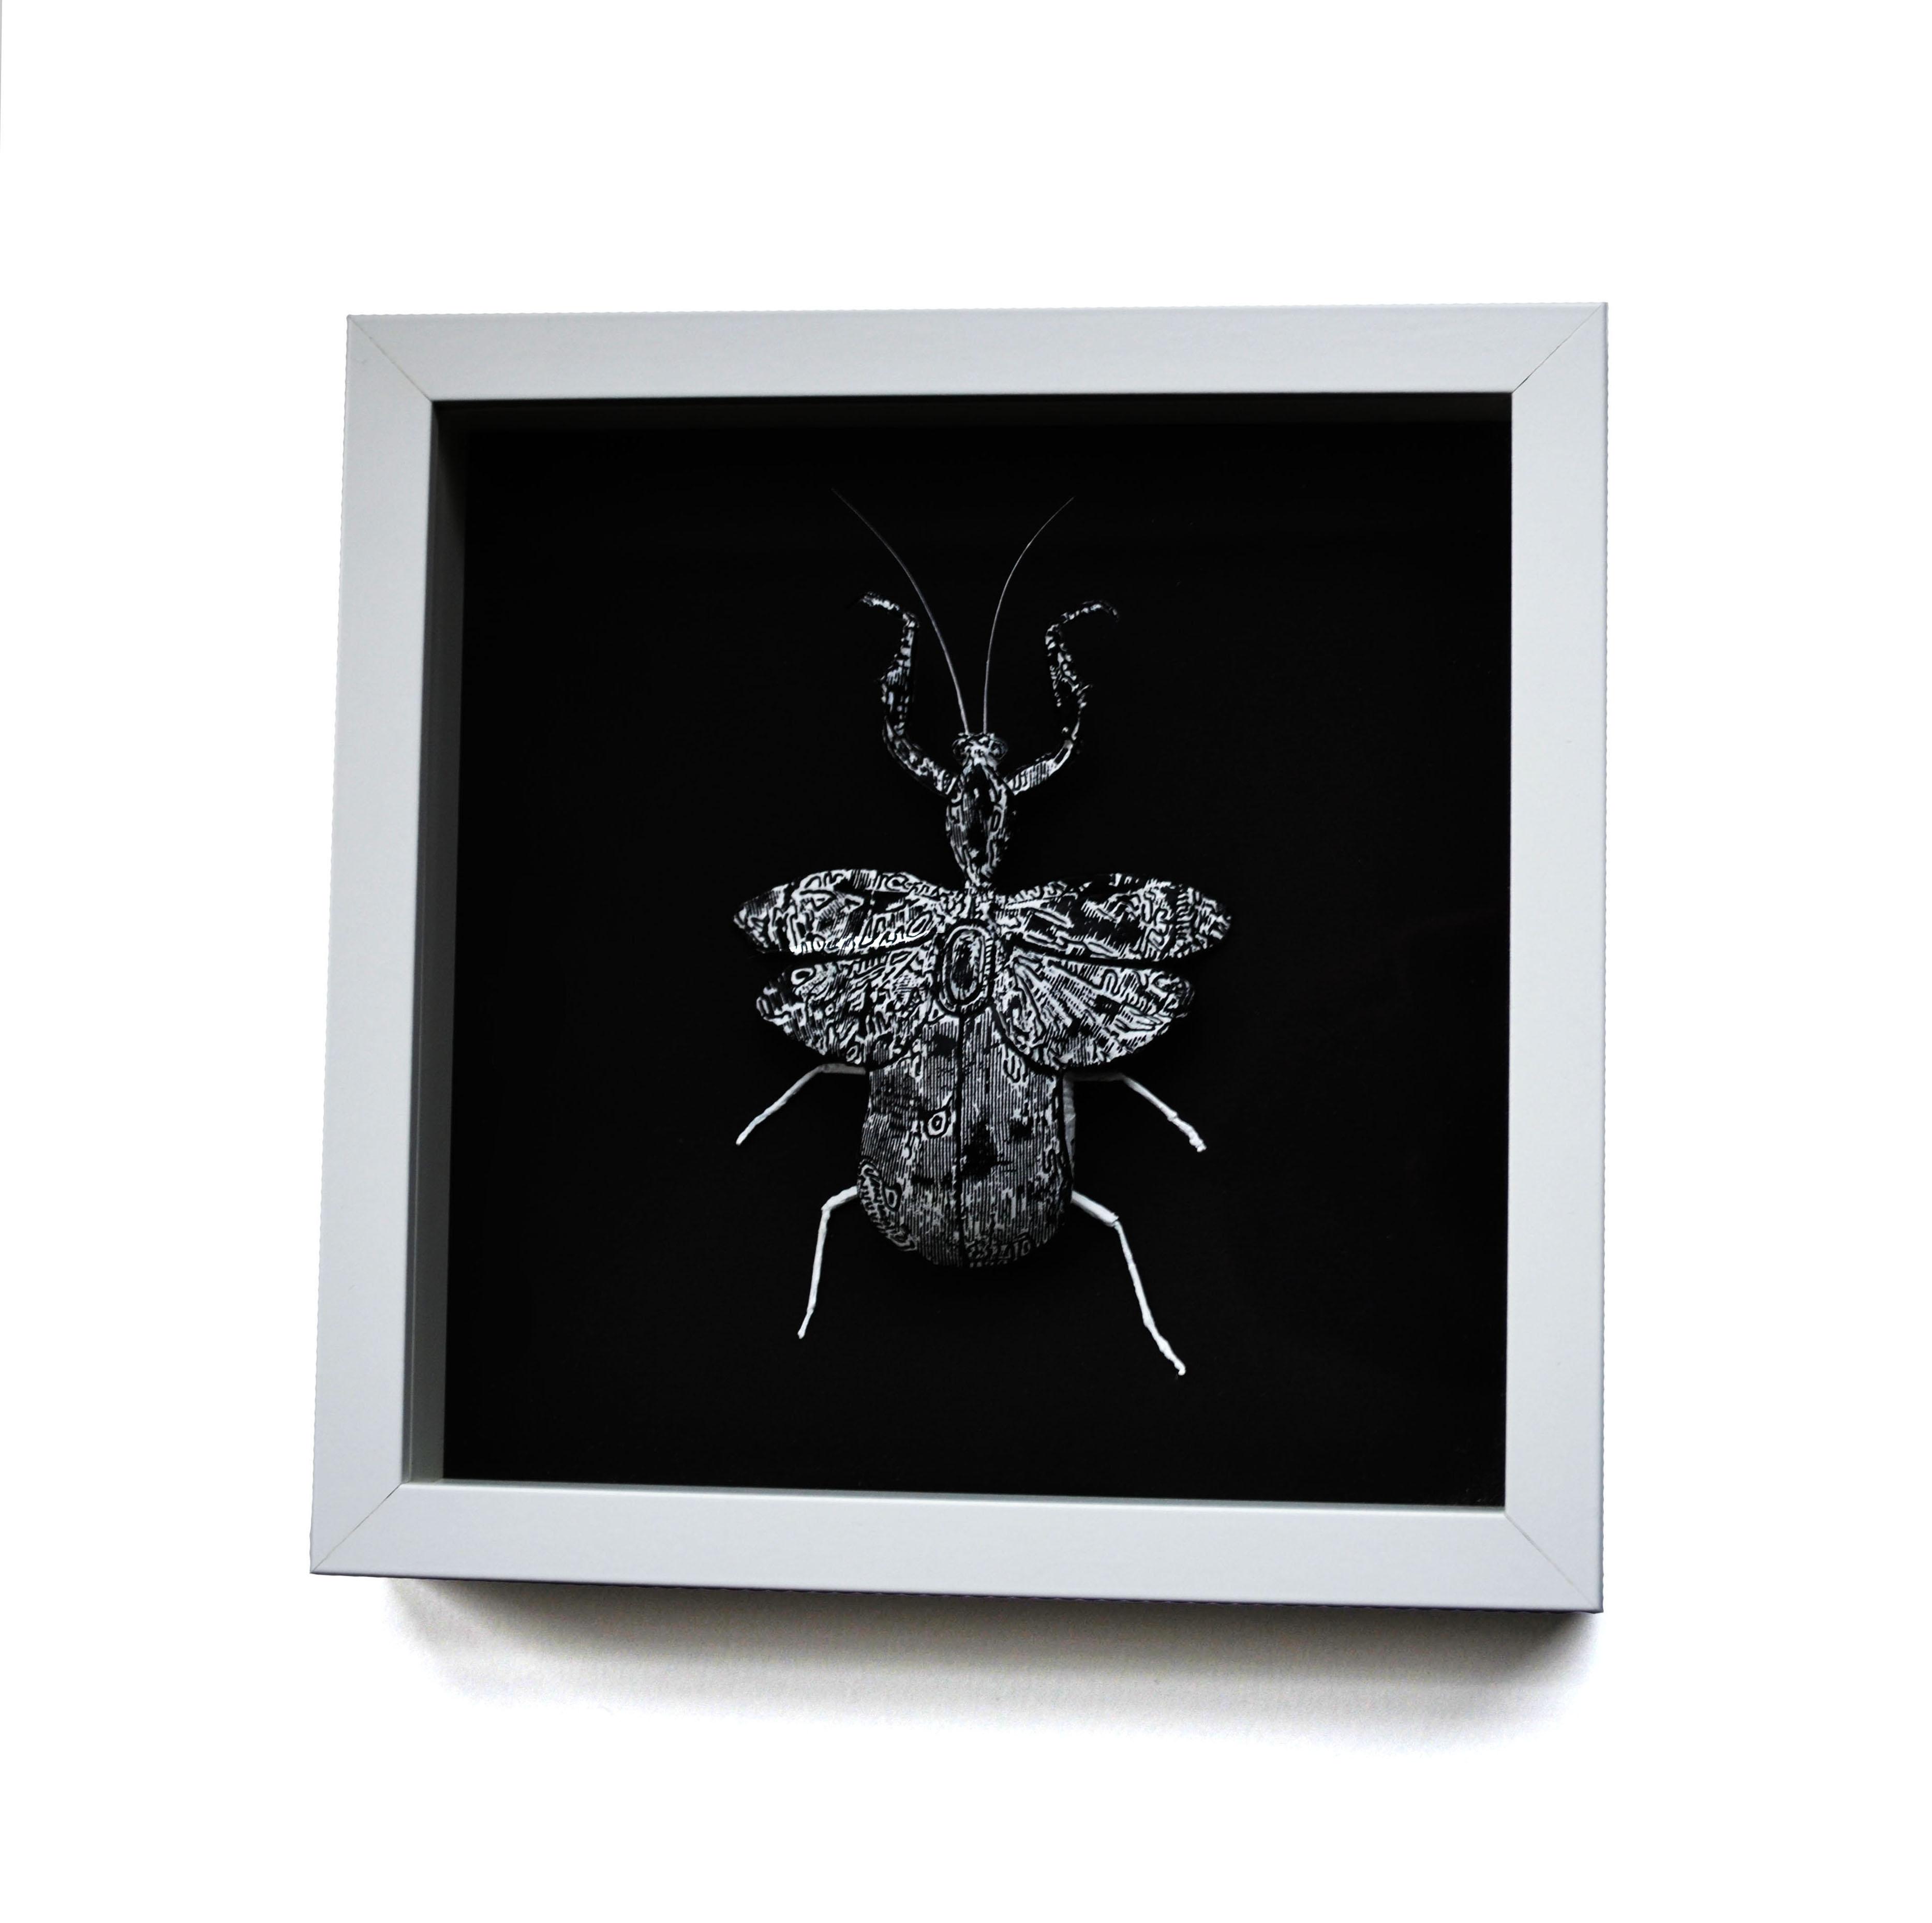 Mouse Bug 3/6 Gen I (UNIQUE PIECE)